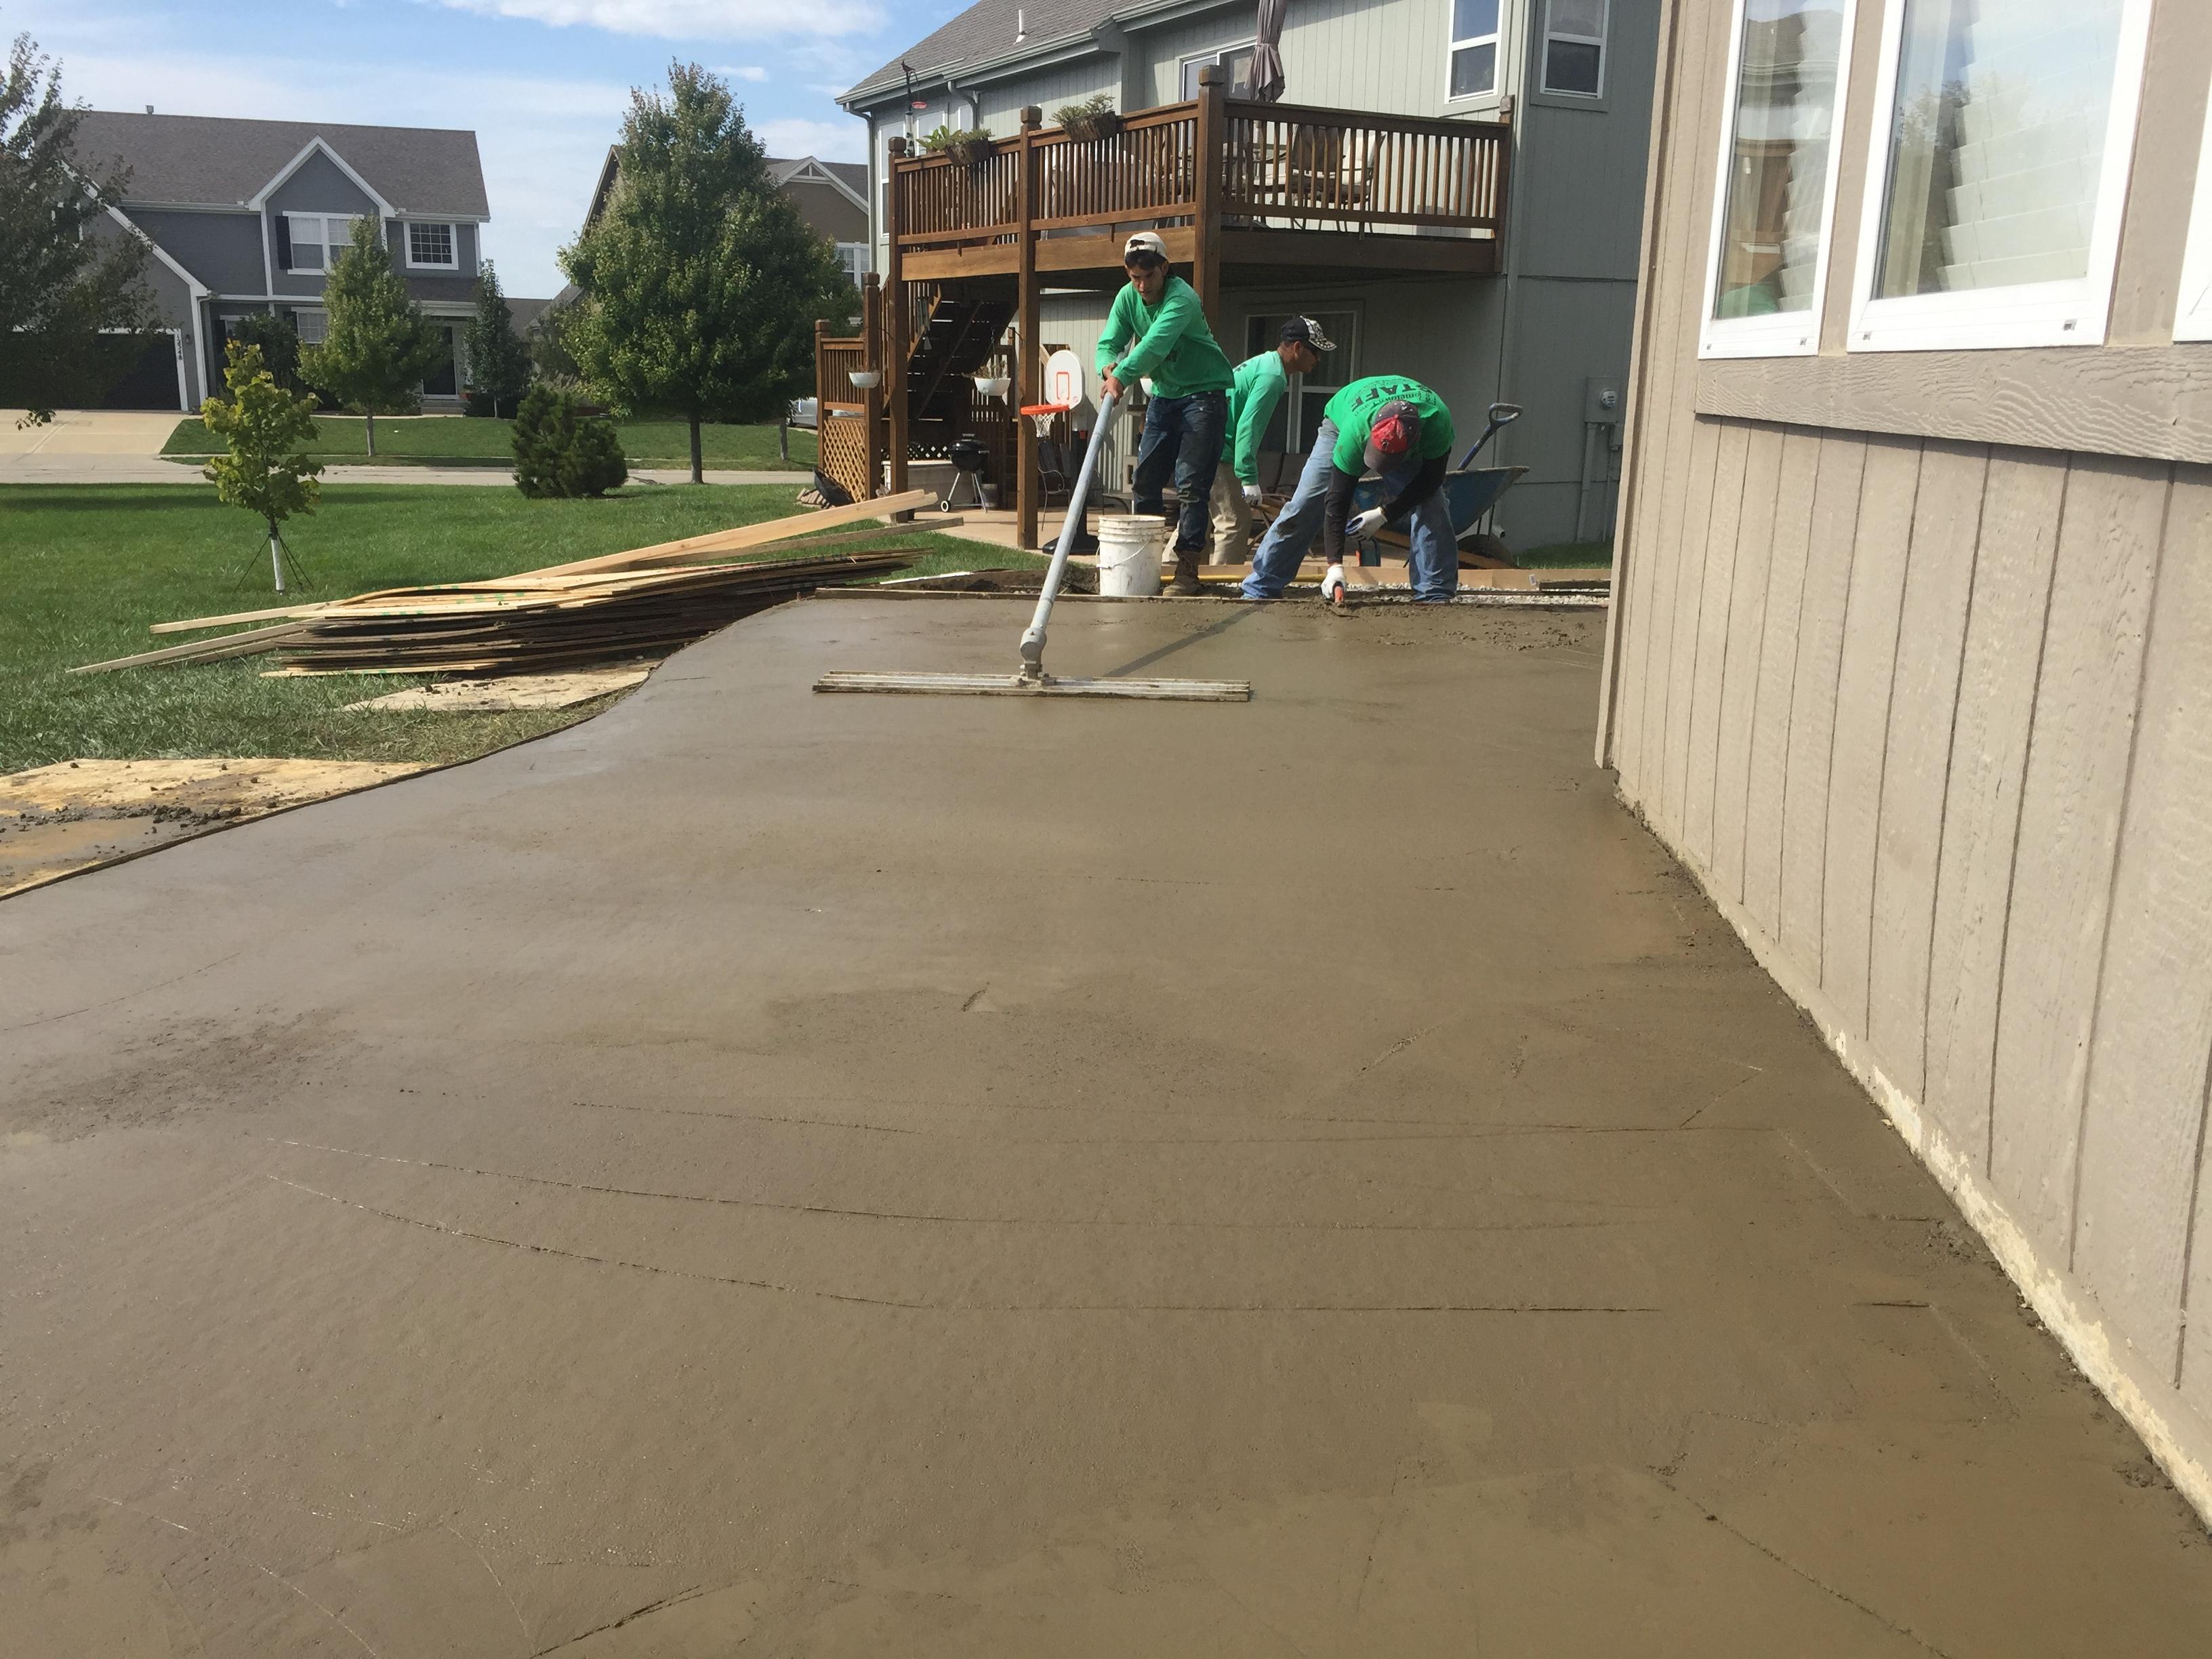 Concrete U2013 Colored Stamped Patio U2013 Finishing 1